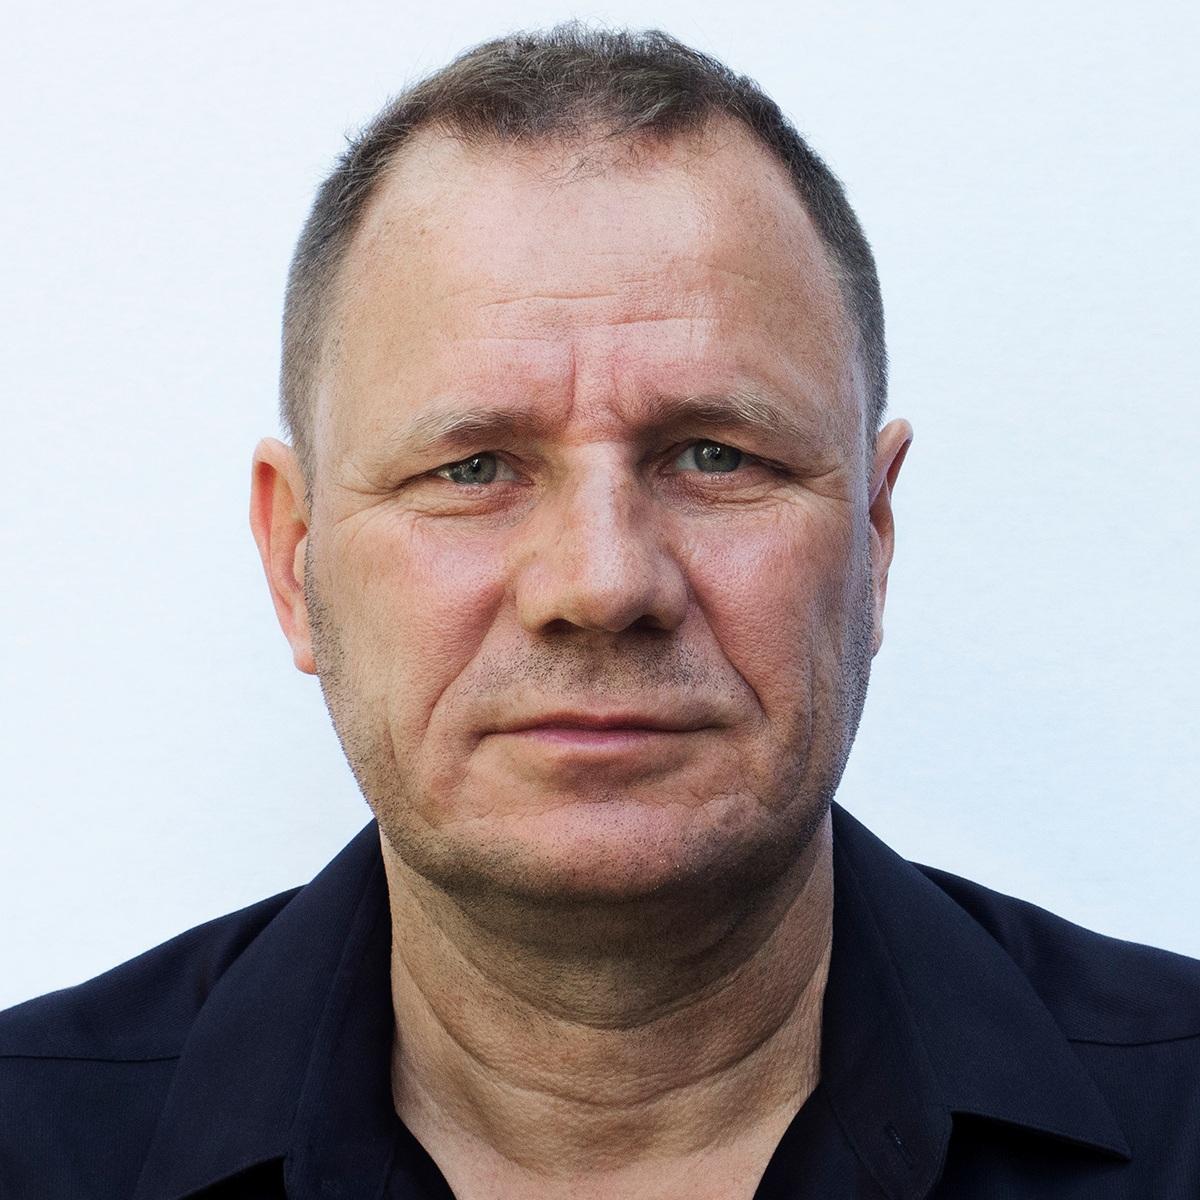 Artist Holger Keifel